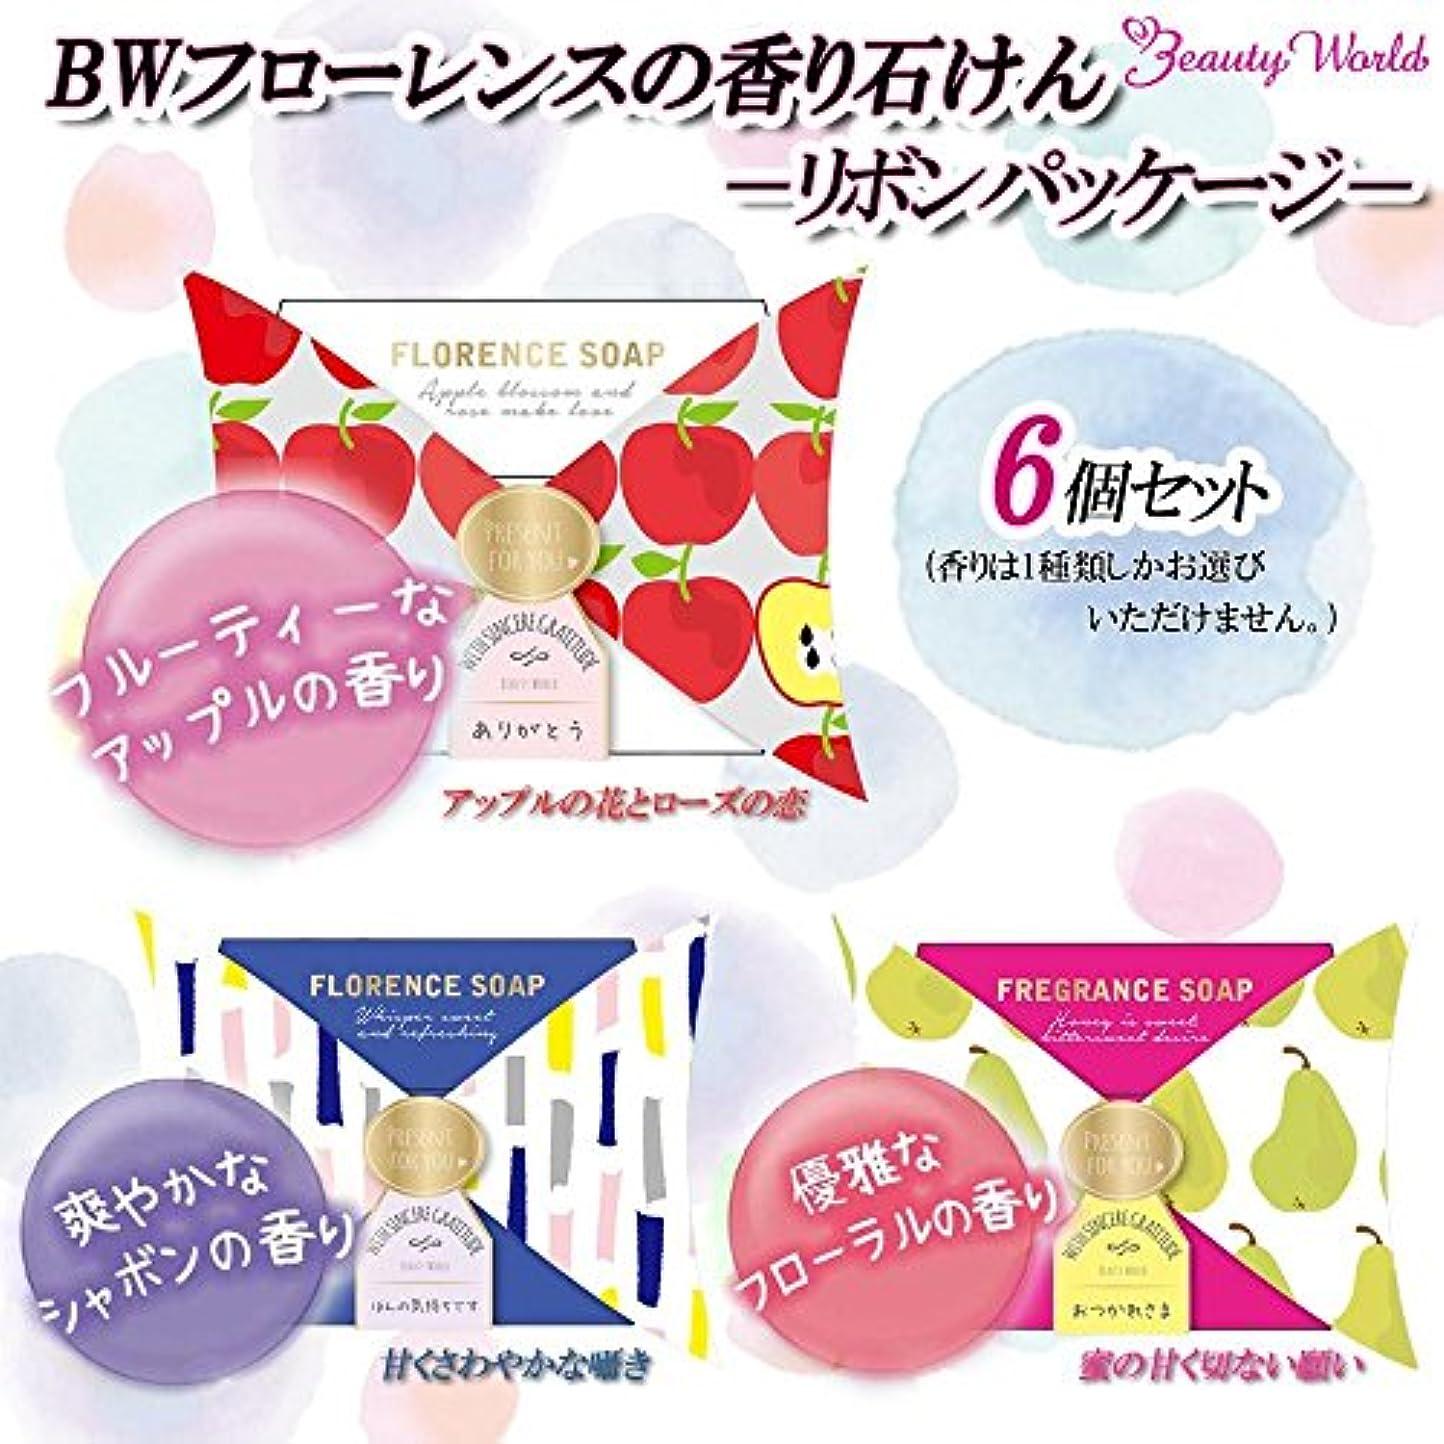 図ノートグレートバリアリーフビューティーワールド BWフローレンスの香り石けん リボンパッケージ 6個セット ■3種類の内「FSP386?蜜の甘く切ない願い」を1点のみです